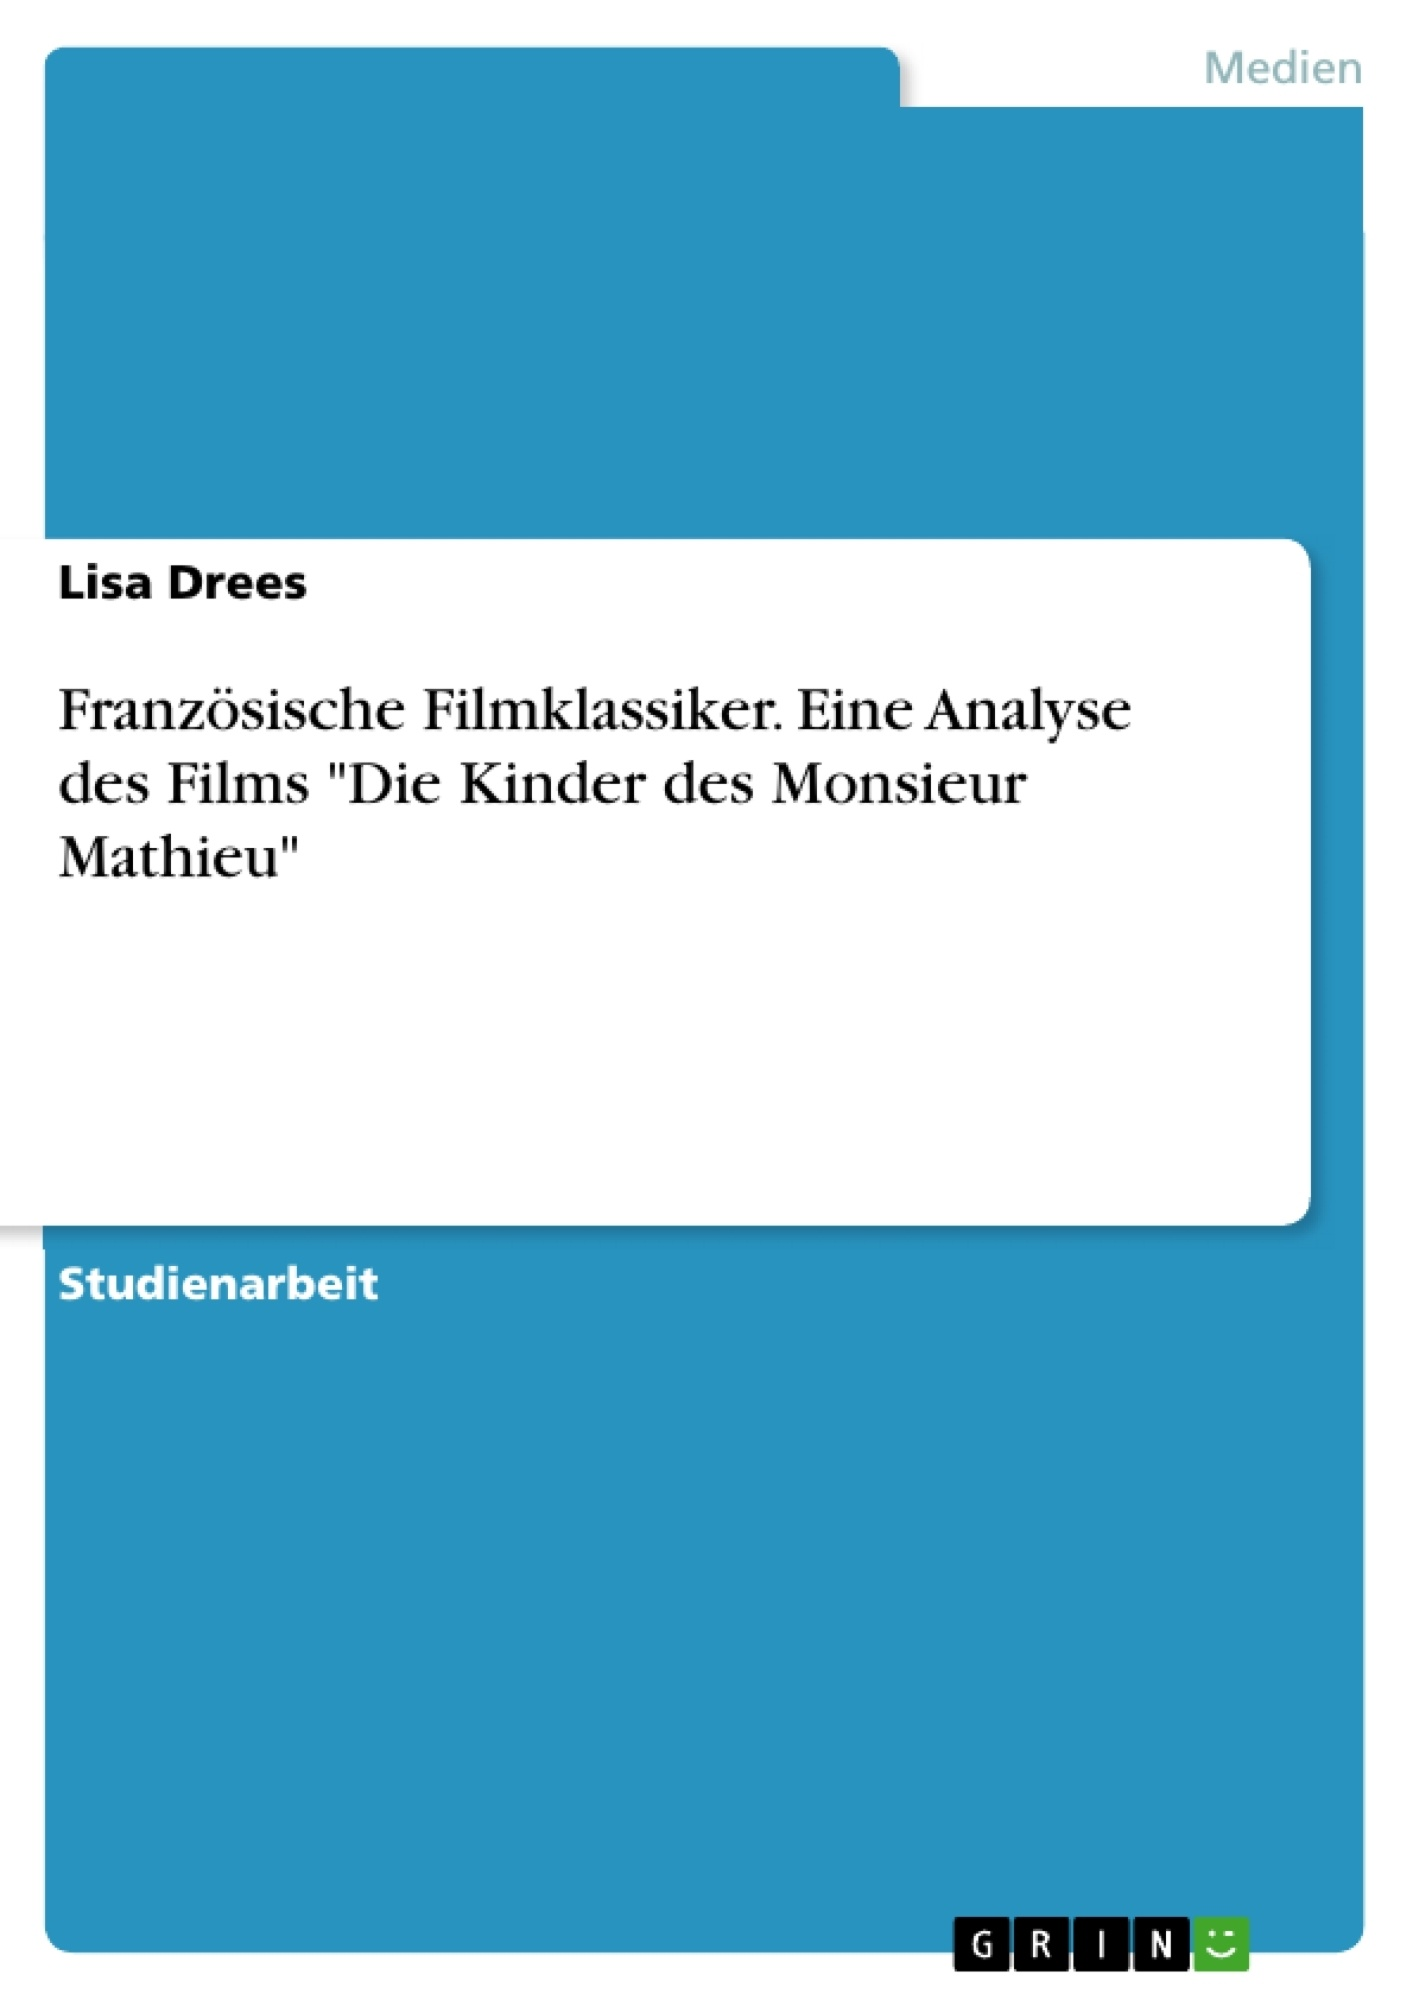 Die Kinder Des Monsieur Mathieu Ganzer Film Deutsch Kostenlos